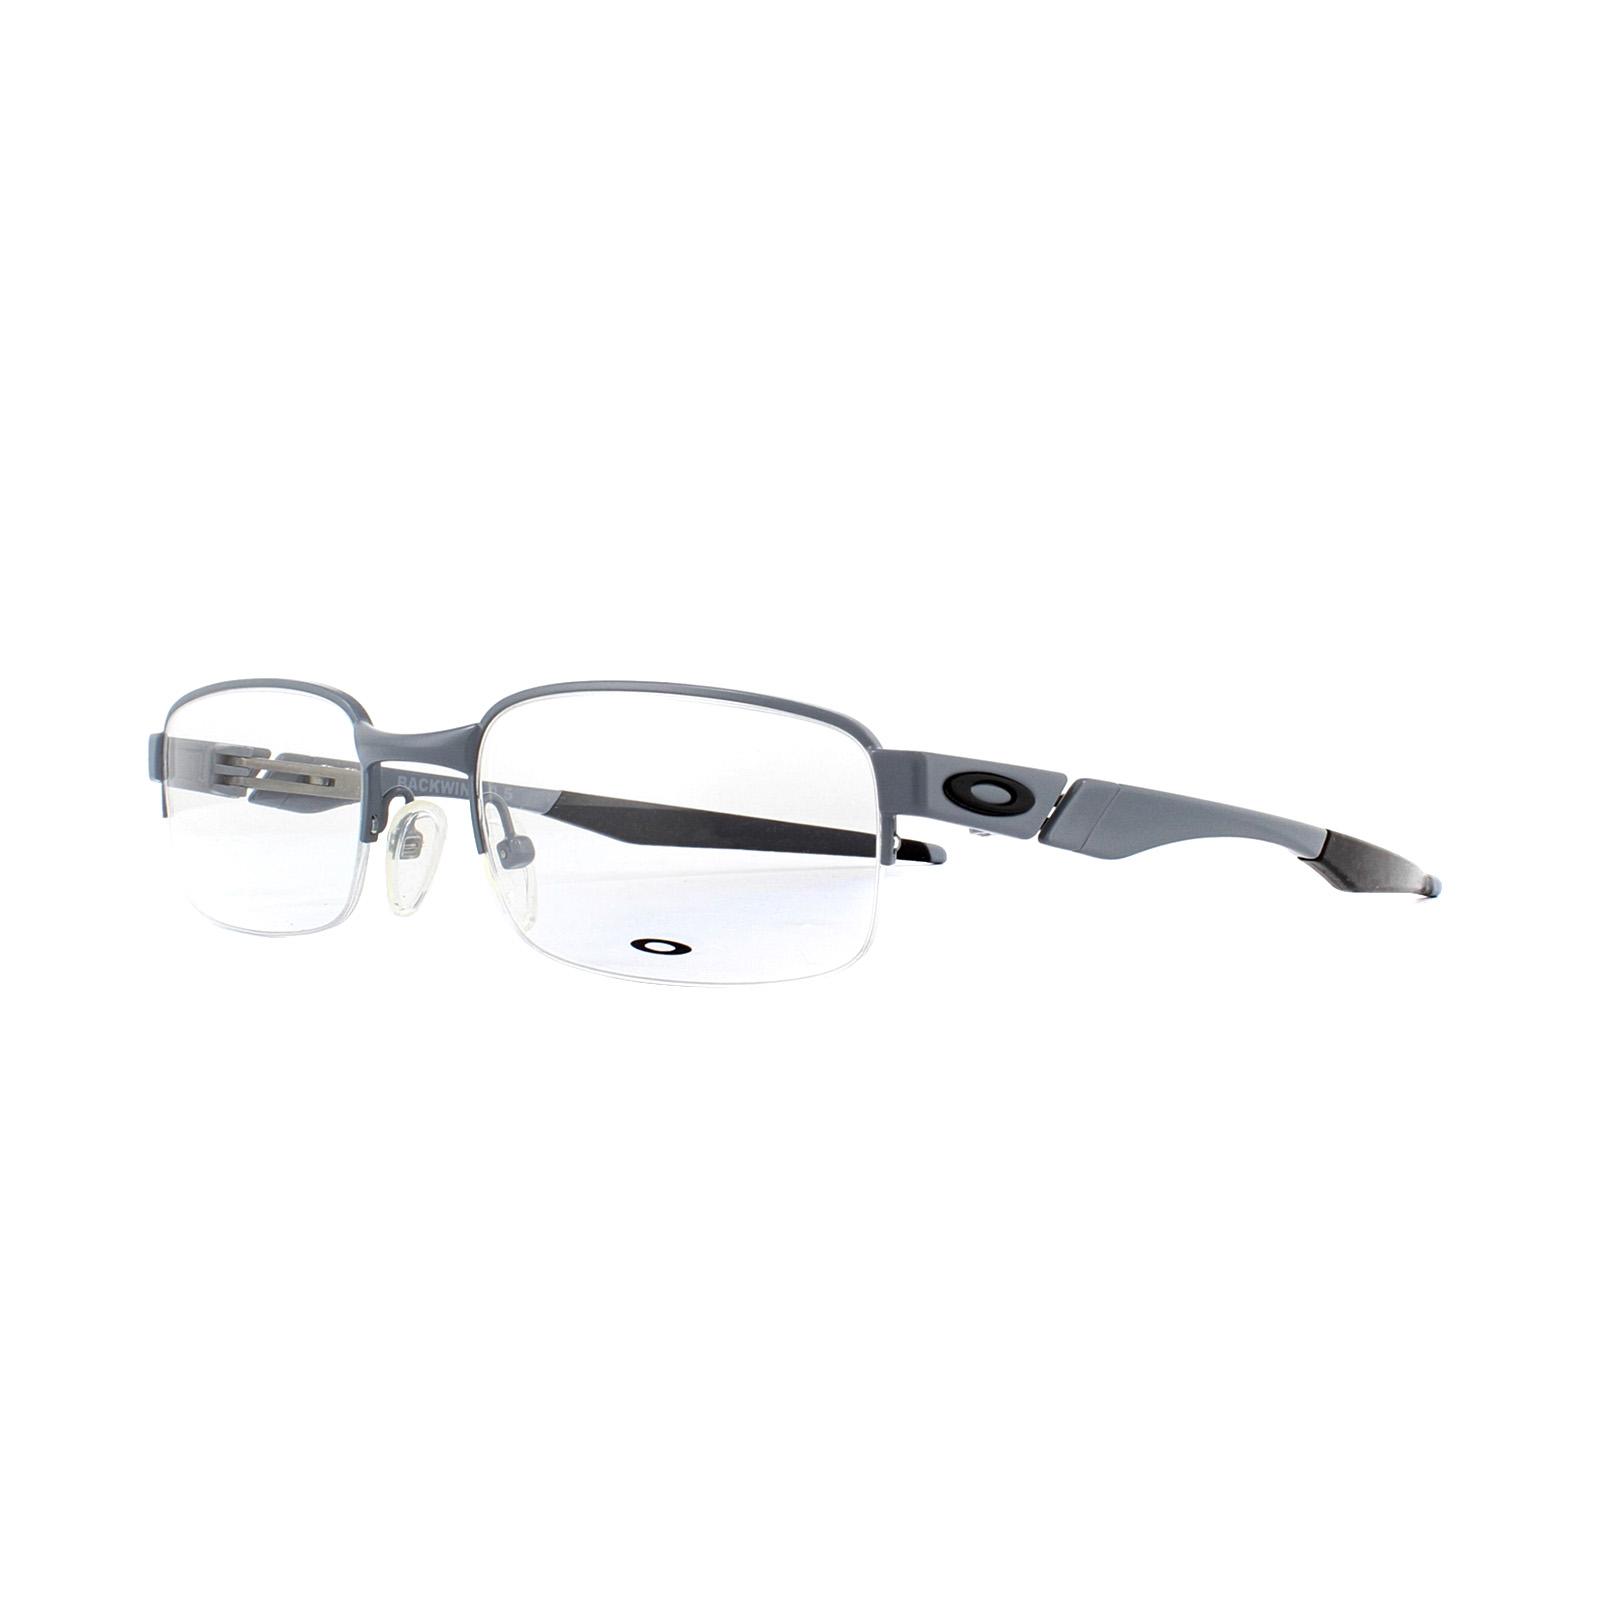 9c9b1ace38 Sentinel Oakley Glasses Frames Backwind 0.5 OX3163-01 Satin Grey 50mm Mens